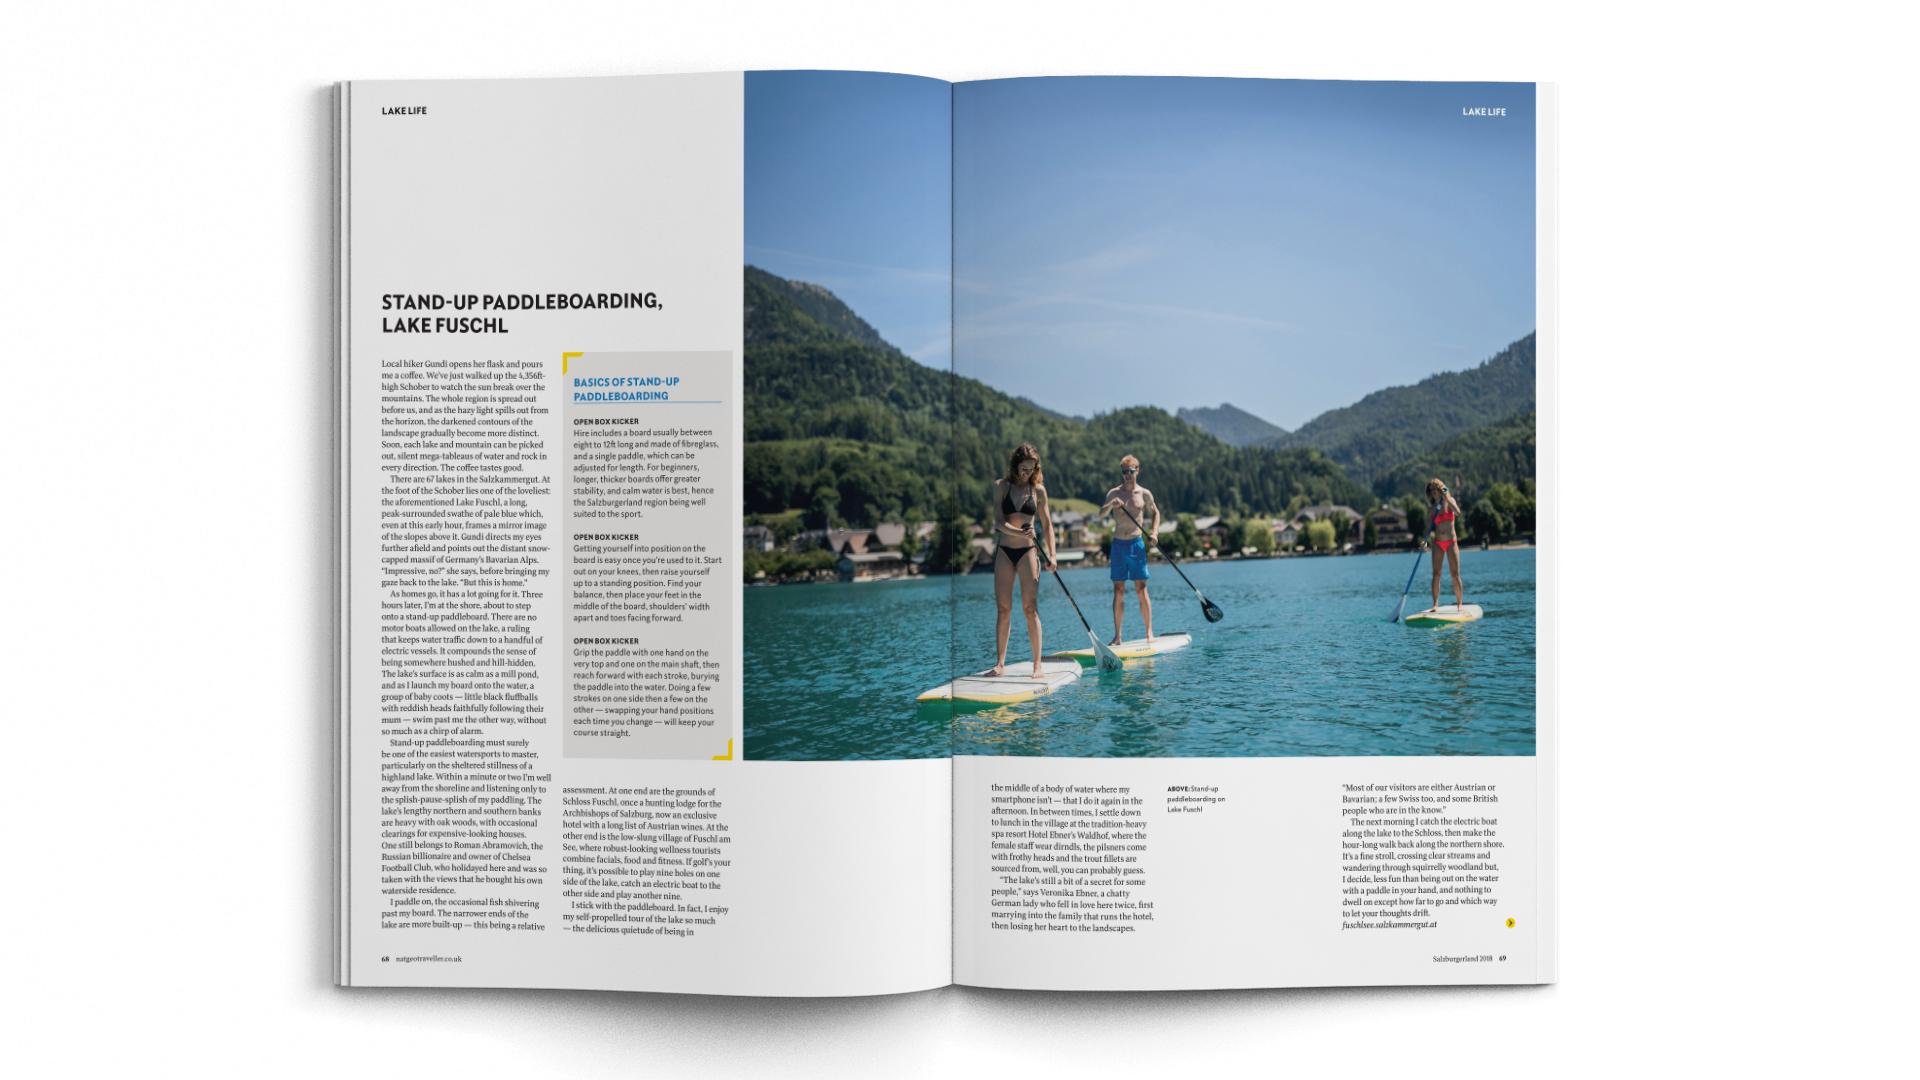 A4-Magazine-DPS-NGT-SALZ-Lakes-2